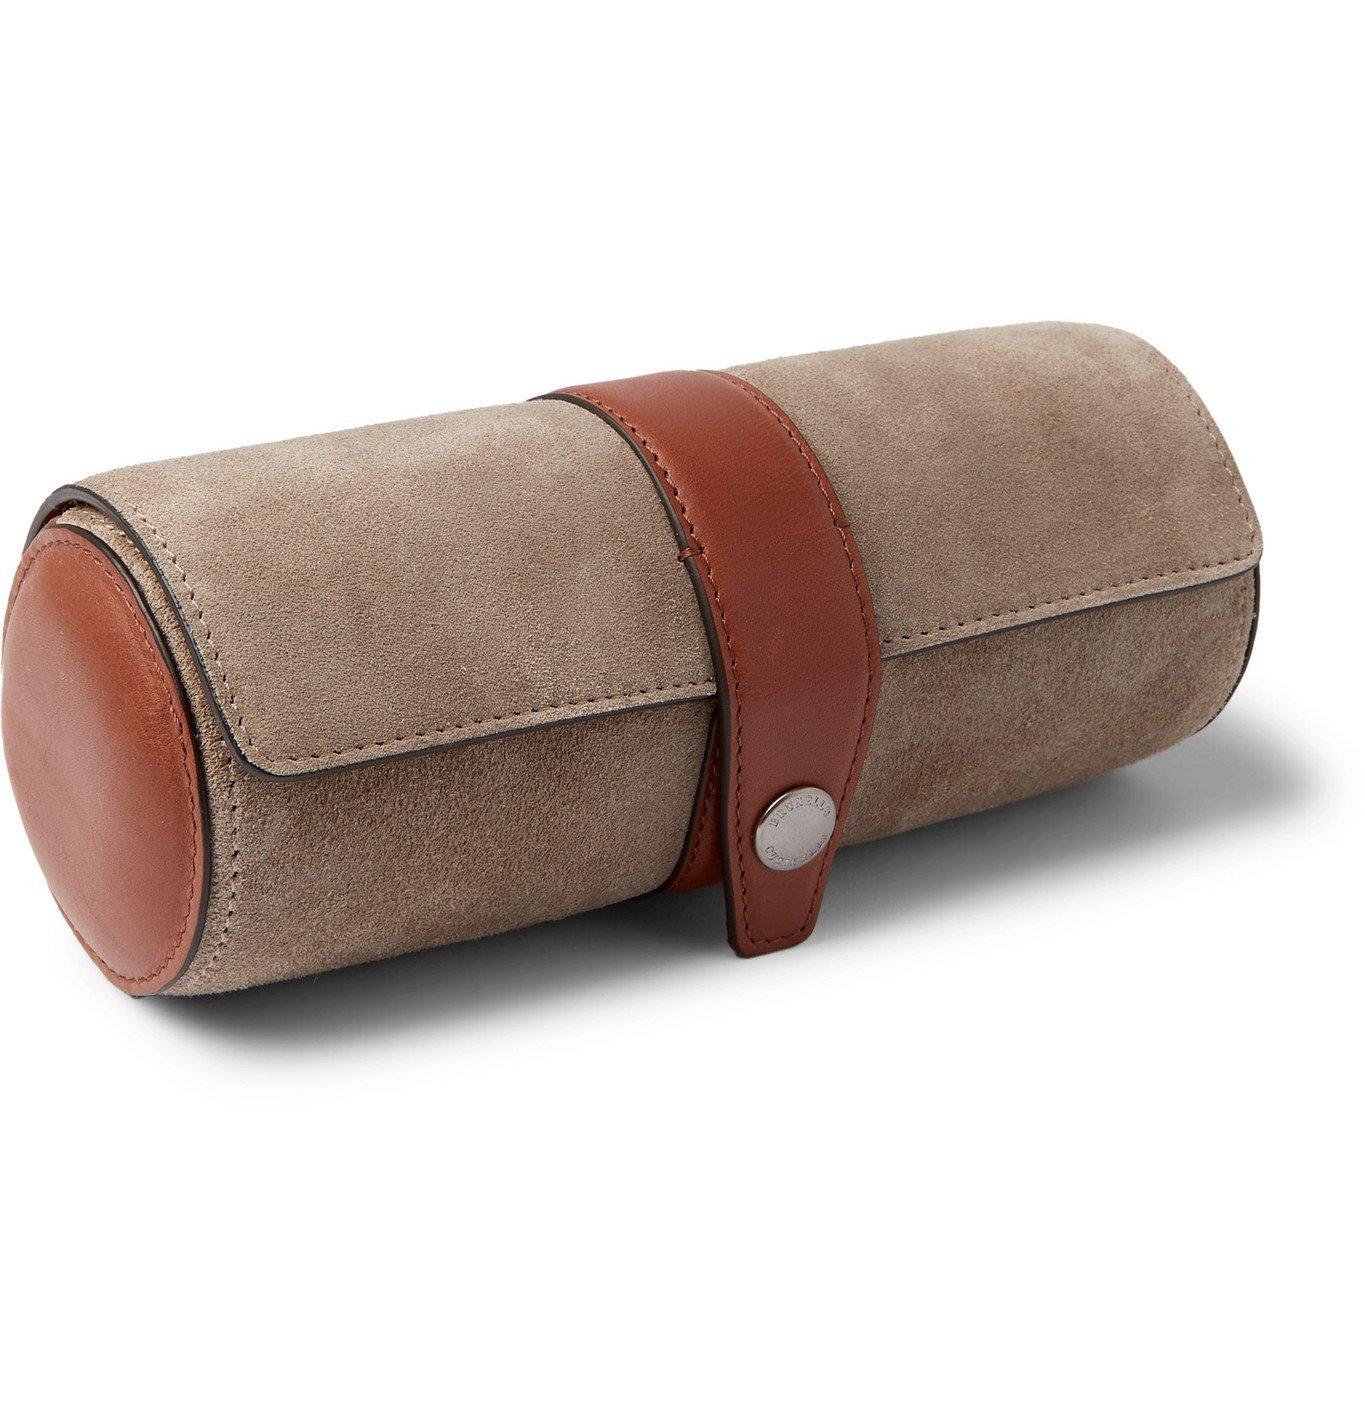 Brunello Cucinelli - Leather-Trimmed Suede Watch Roll - Neutrals